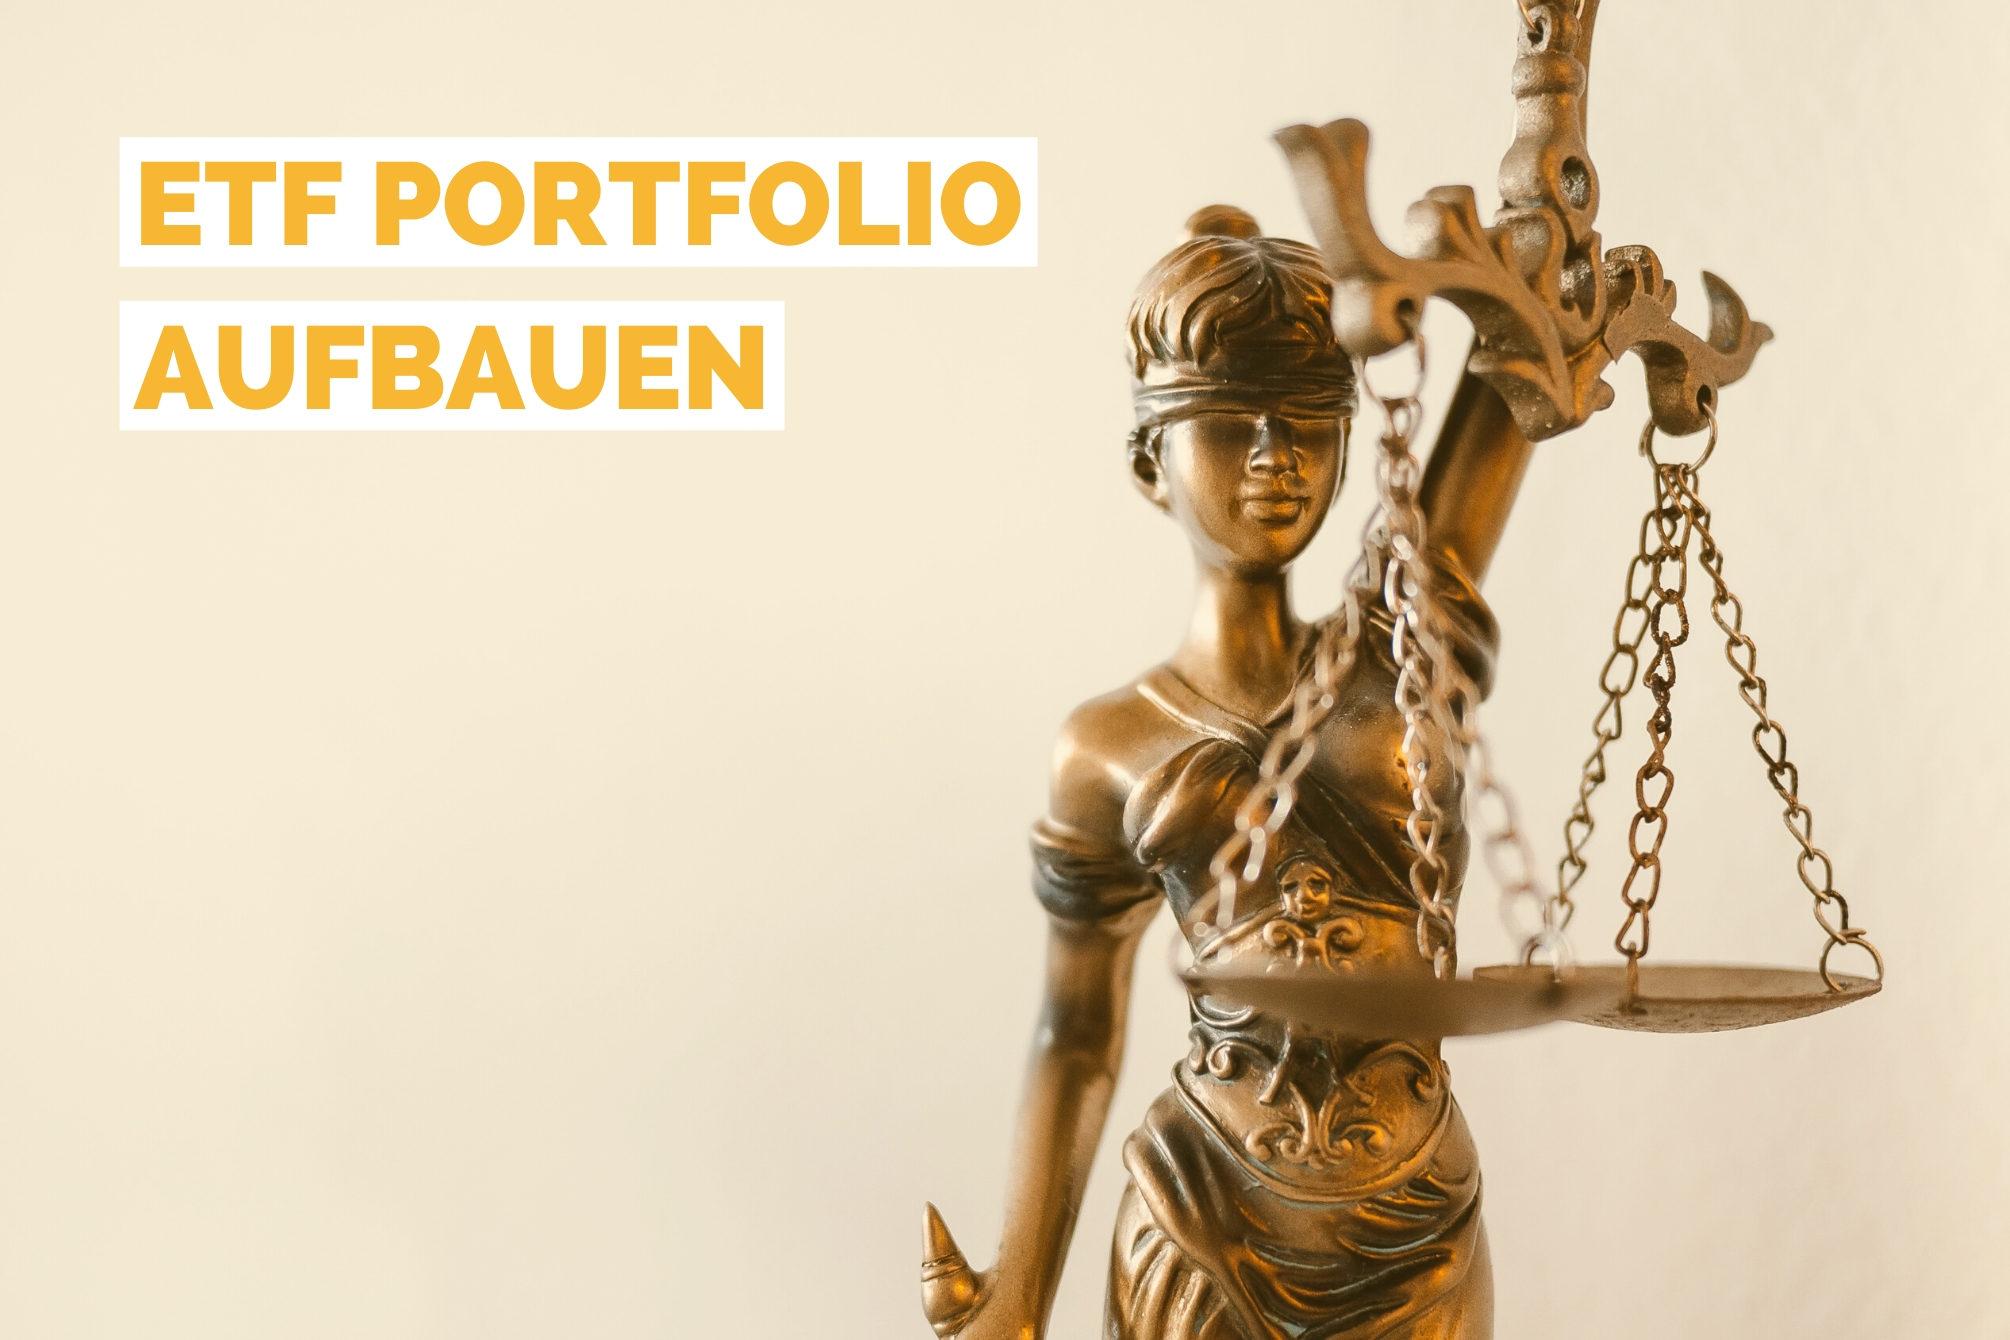 ETF Portfolio aufbauen